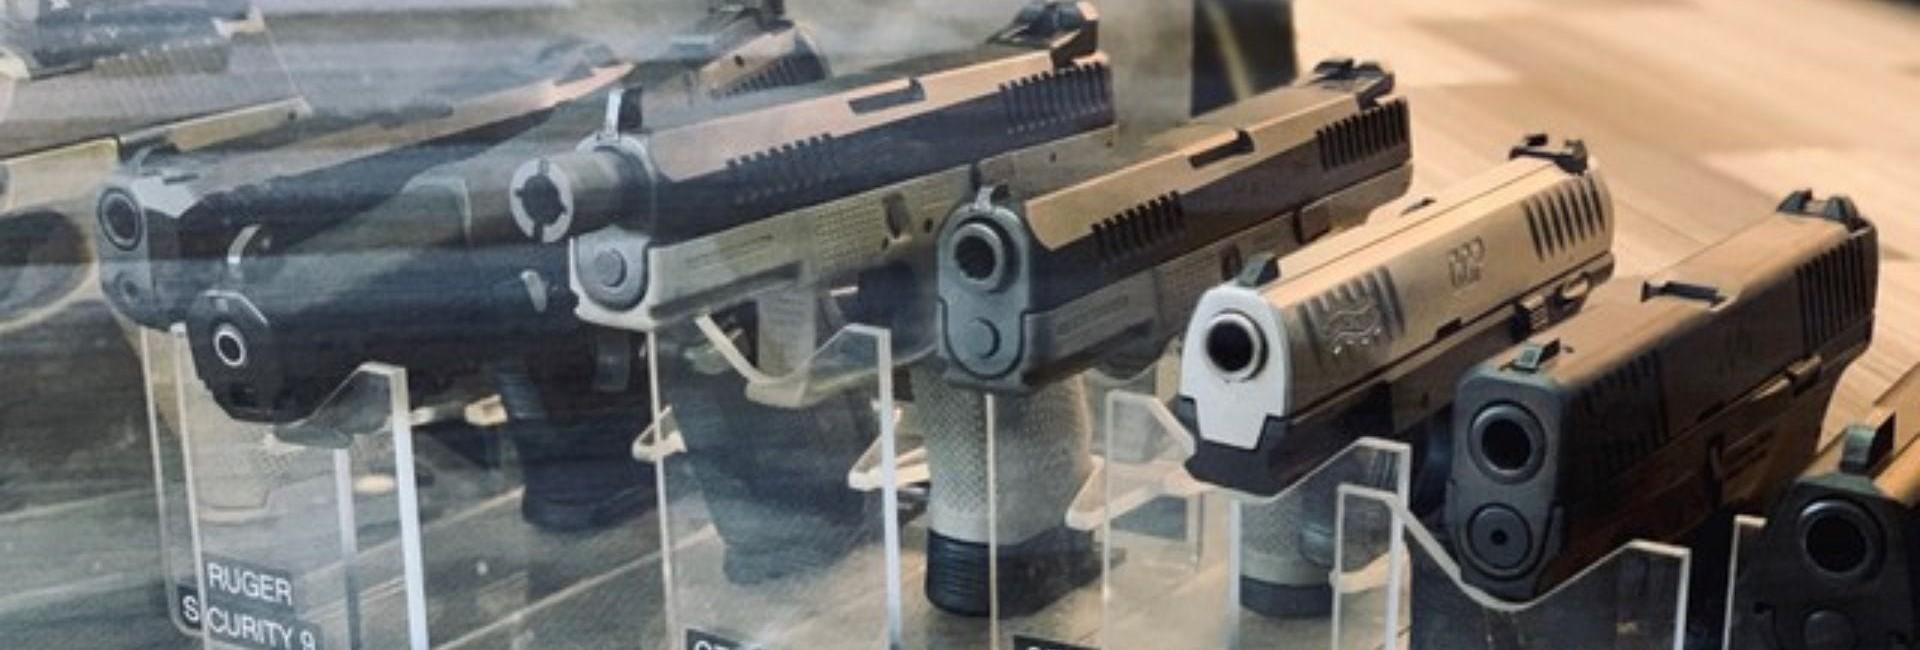 Gun Rentals | C2 Tactical